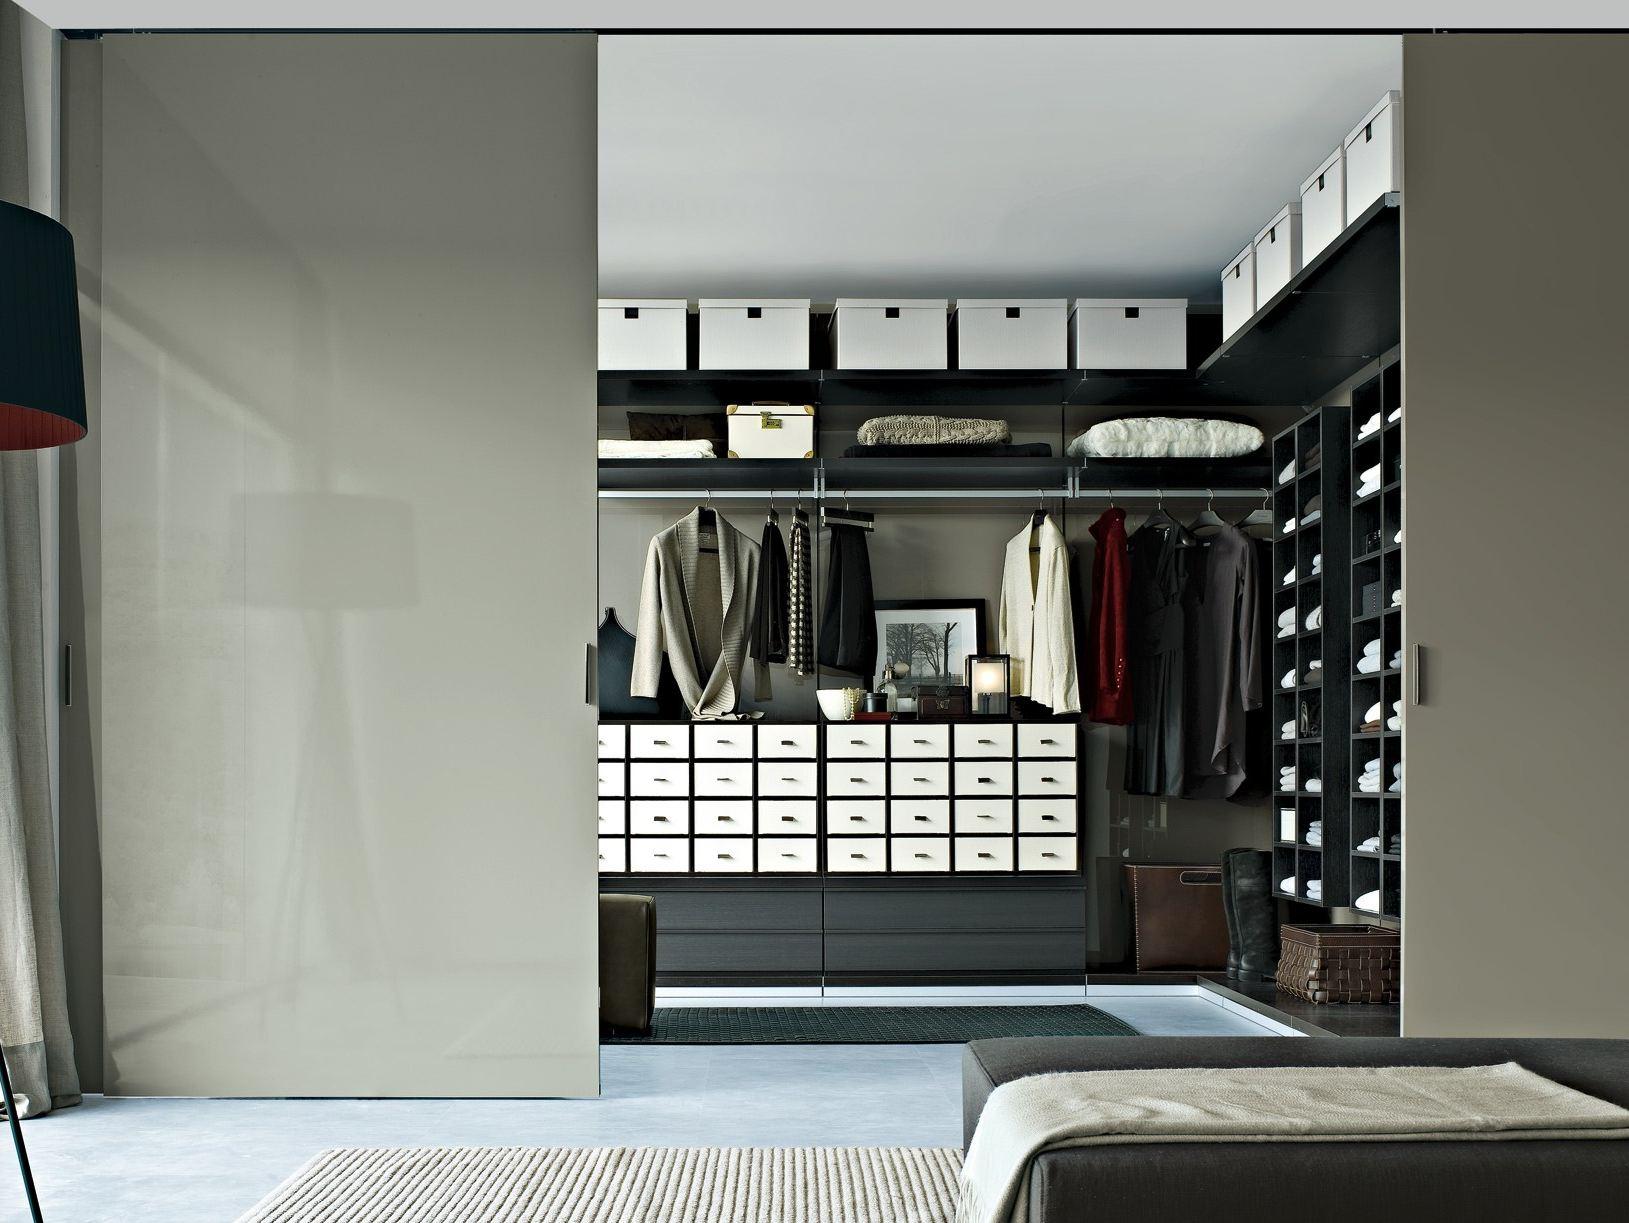 家具として、クローゼットを探しました。ワードローブも同じです!のサムネイル画像